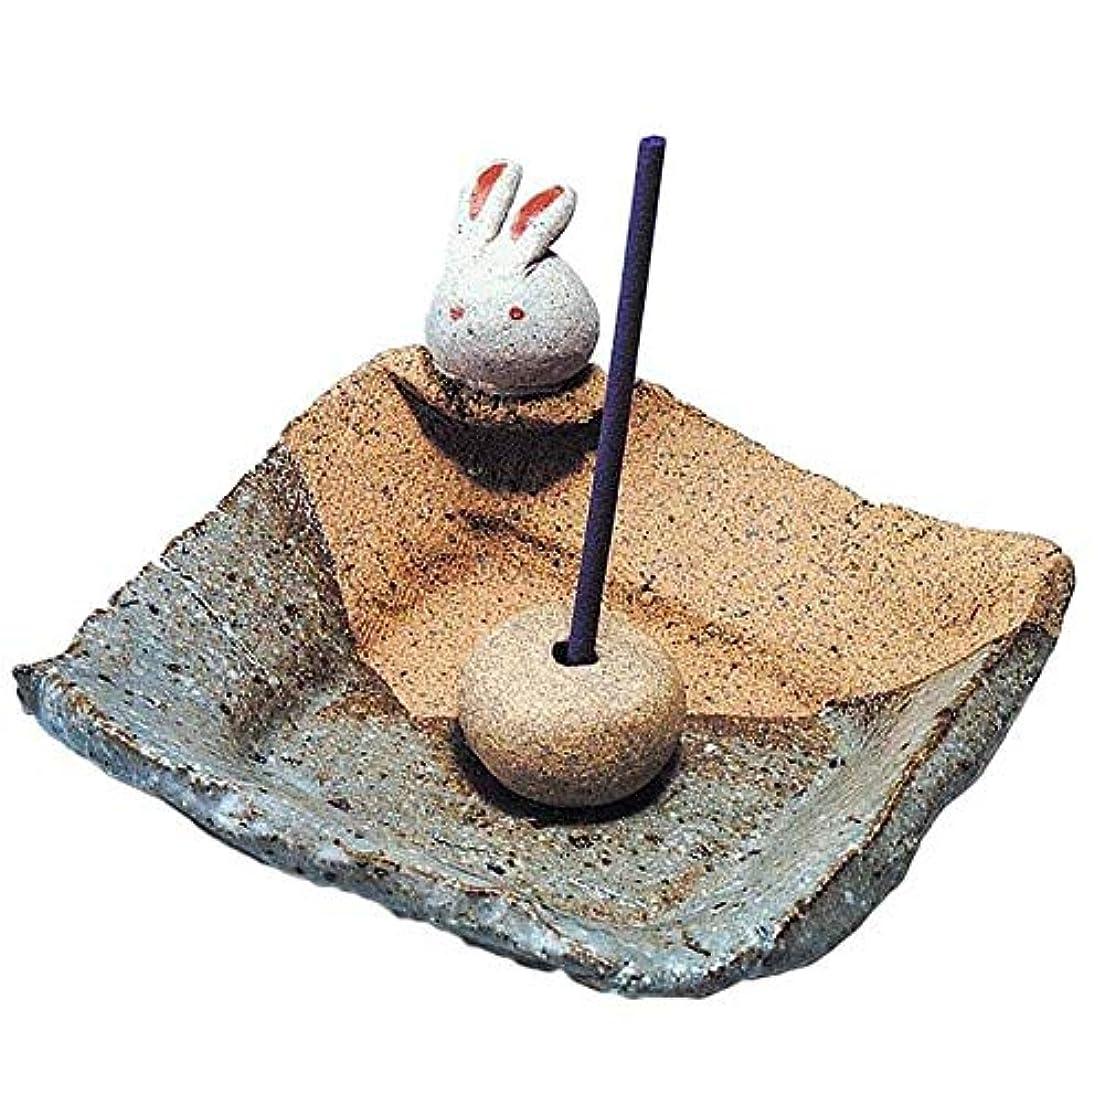 ヒープ車柔らかい足手造り 香皿 香立て/うさぎ 香皿/香り アロマ 癒やし リラックス インテリア プレゼント 贈り物